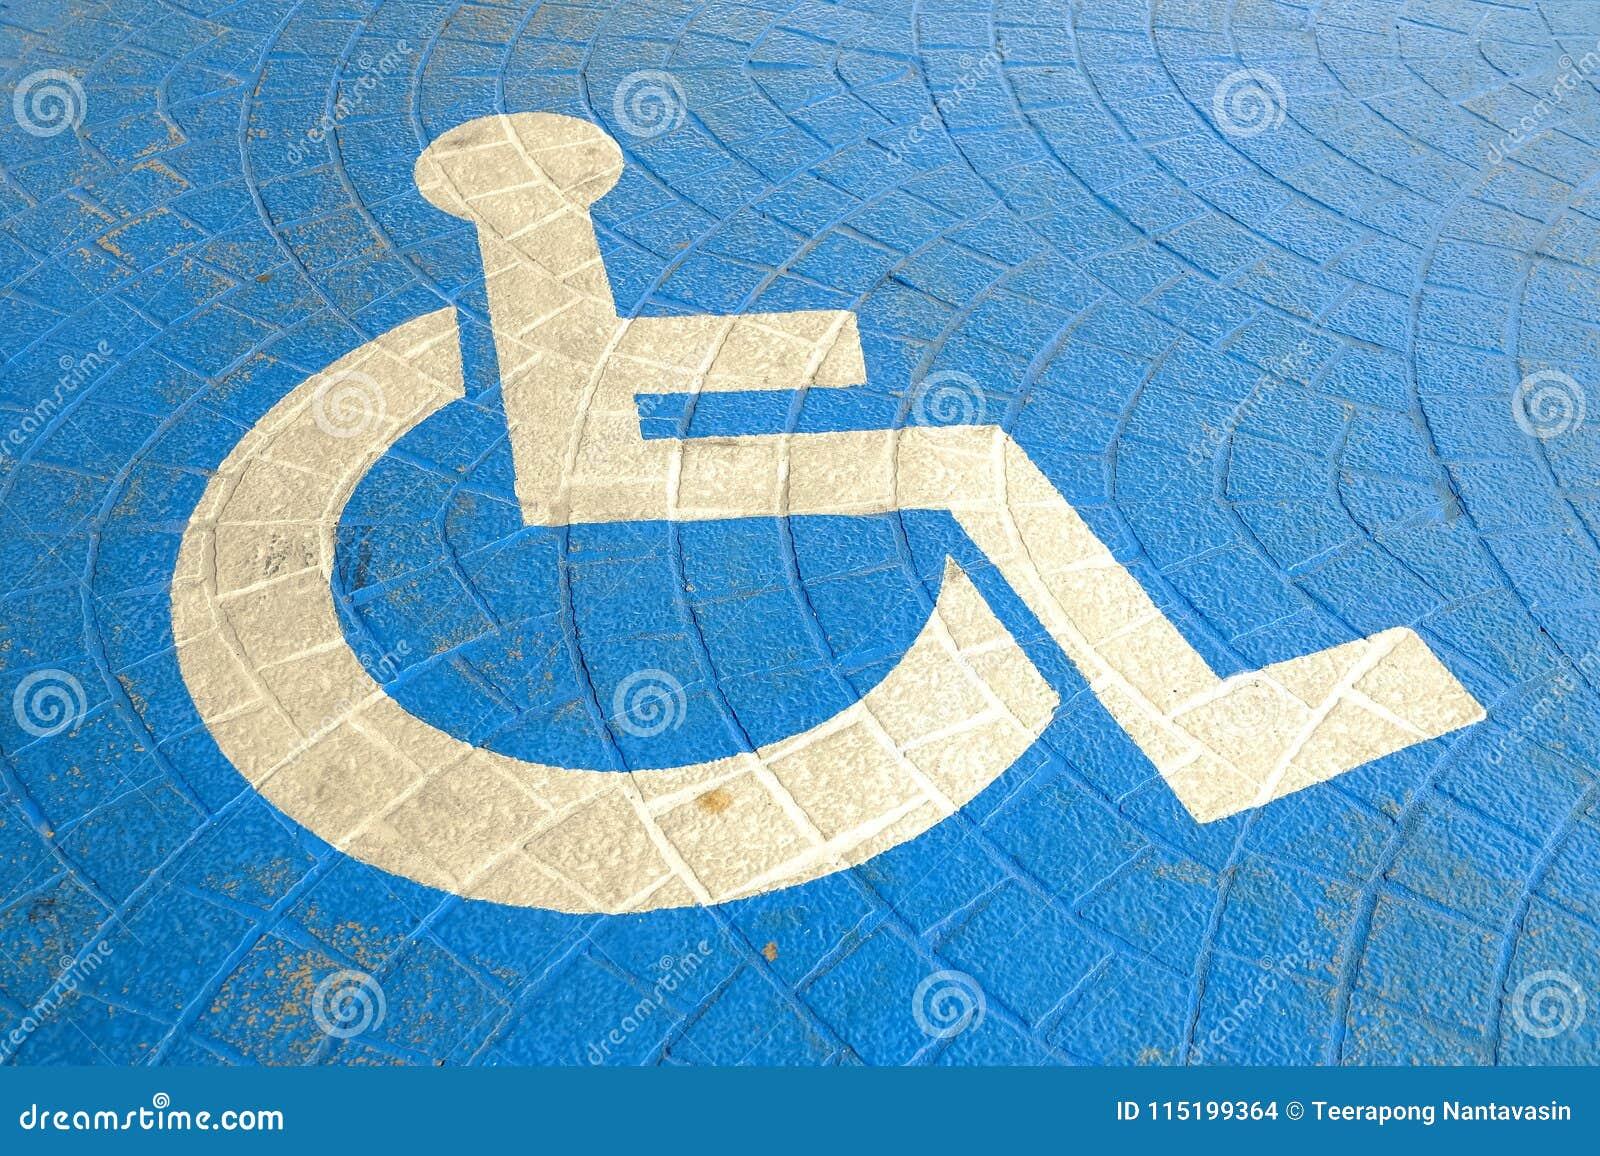 Handikap-Zeichen auf Parkboden